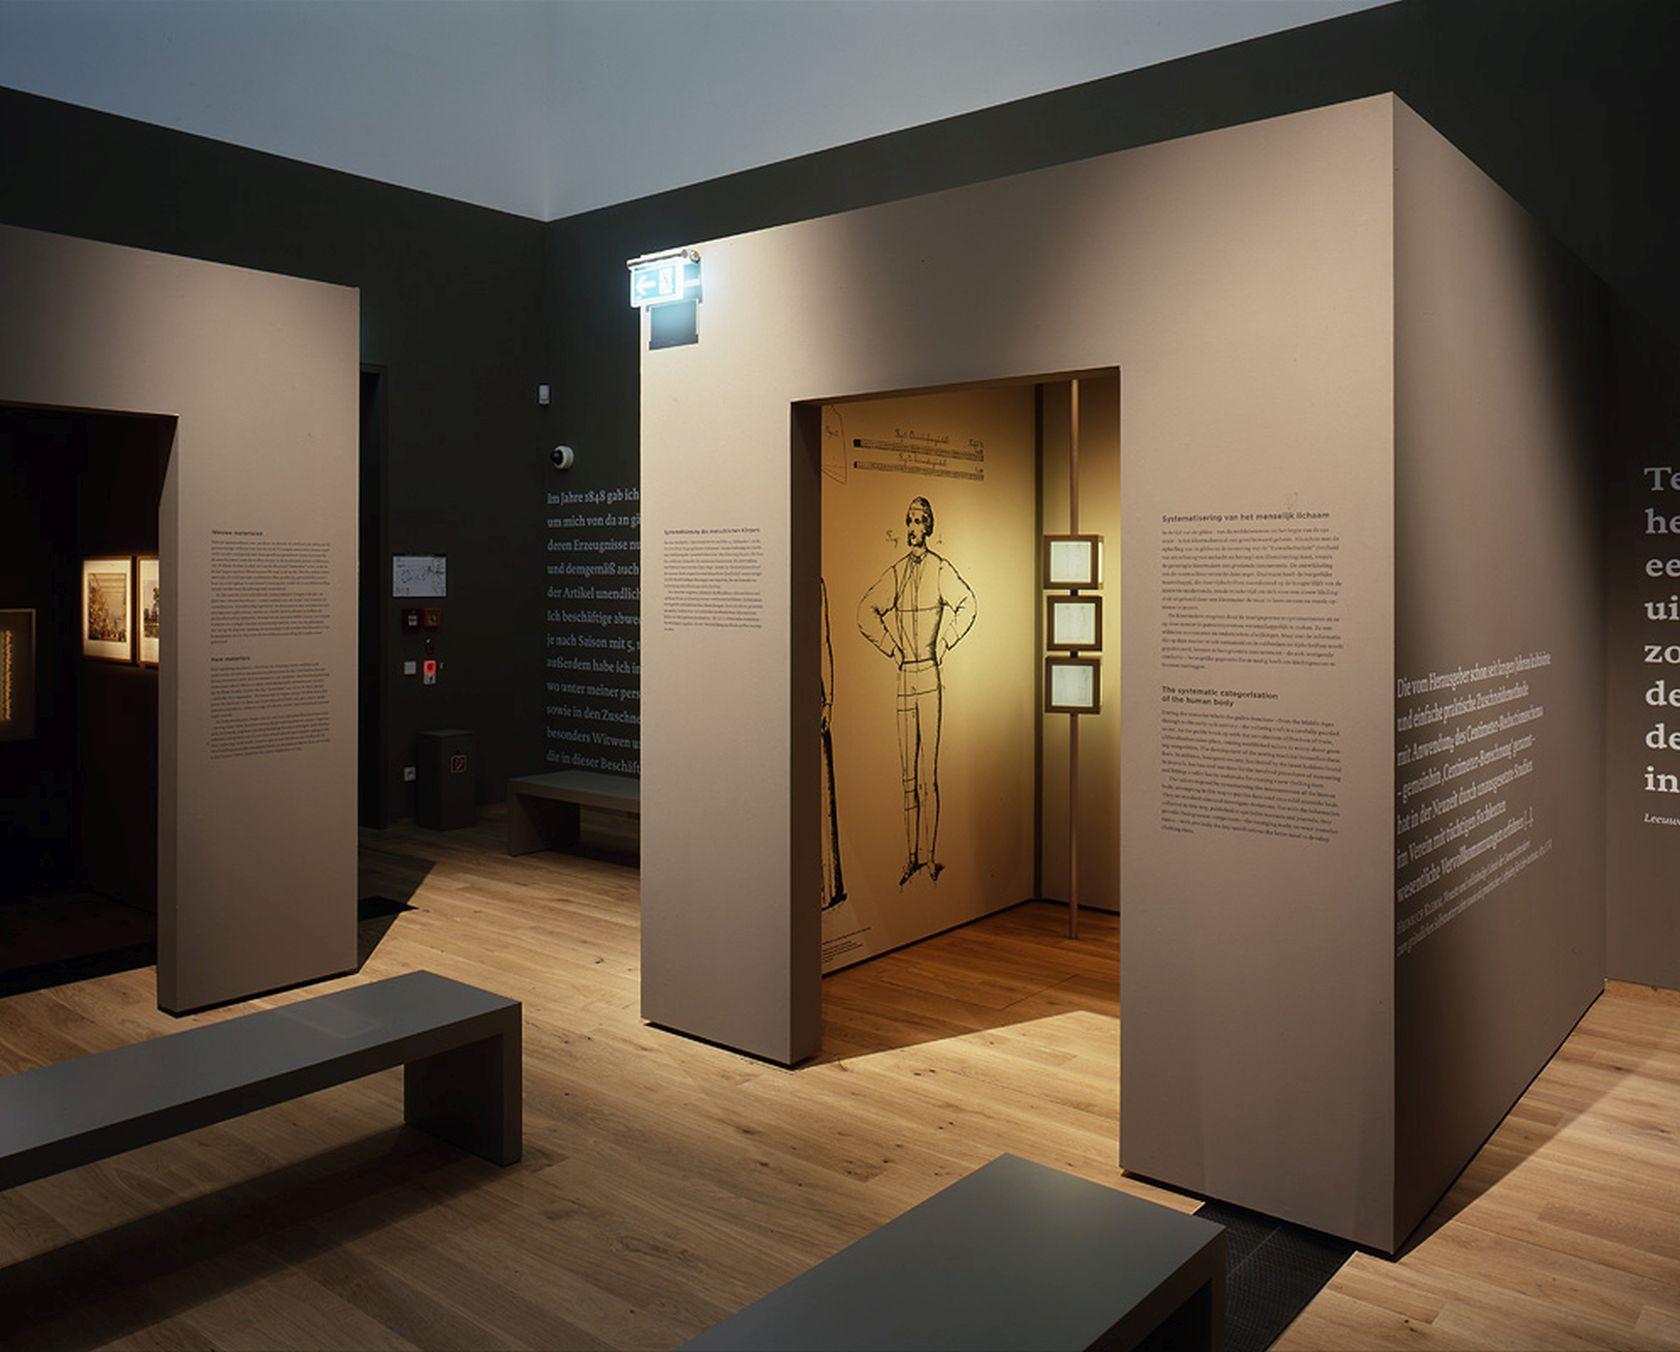 Ausstellung DRAI CLEMENS UND AUGUST-013